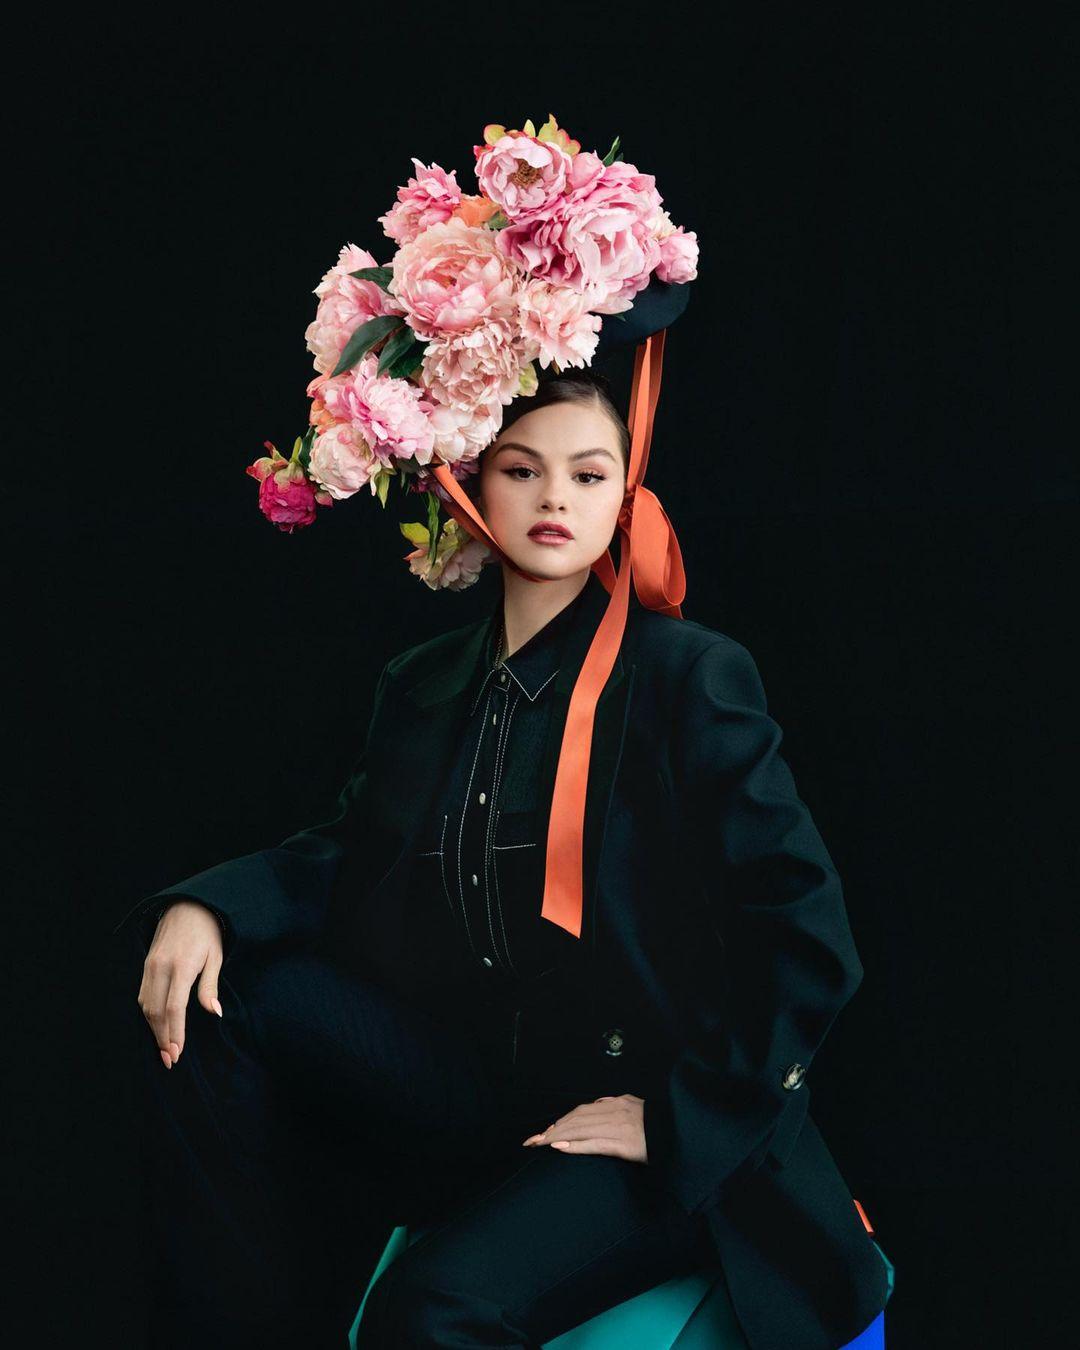 Selena Gomez Revelacion Promo Pic 2021 - DJ Snake & Selena Gomez — Selfish Love